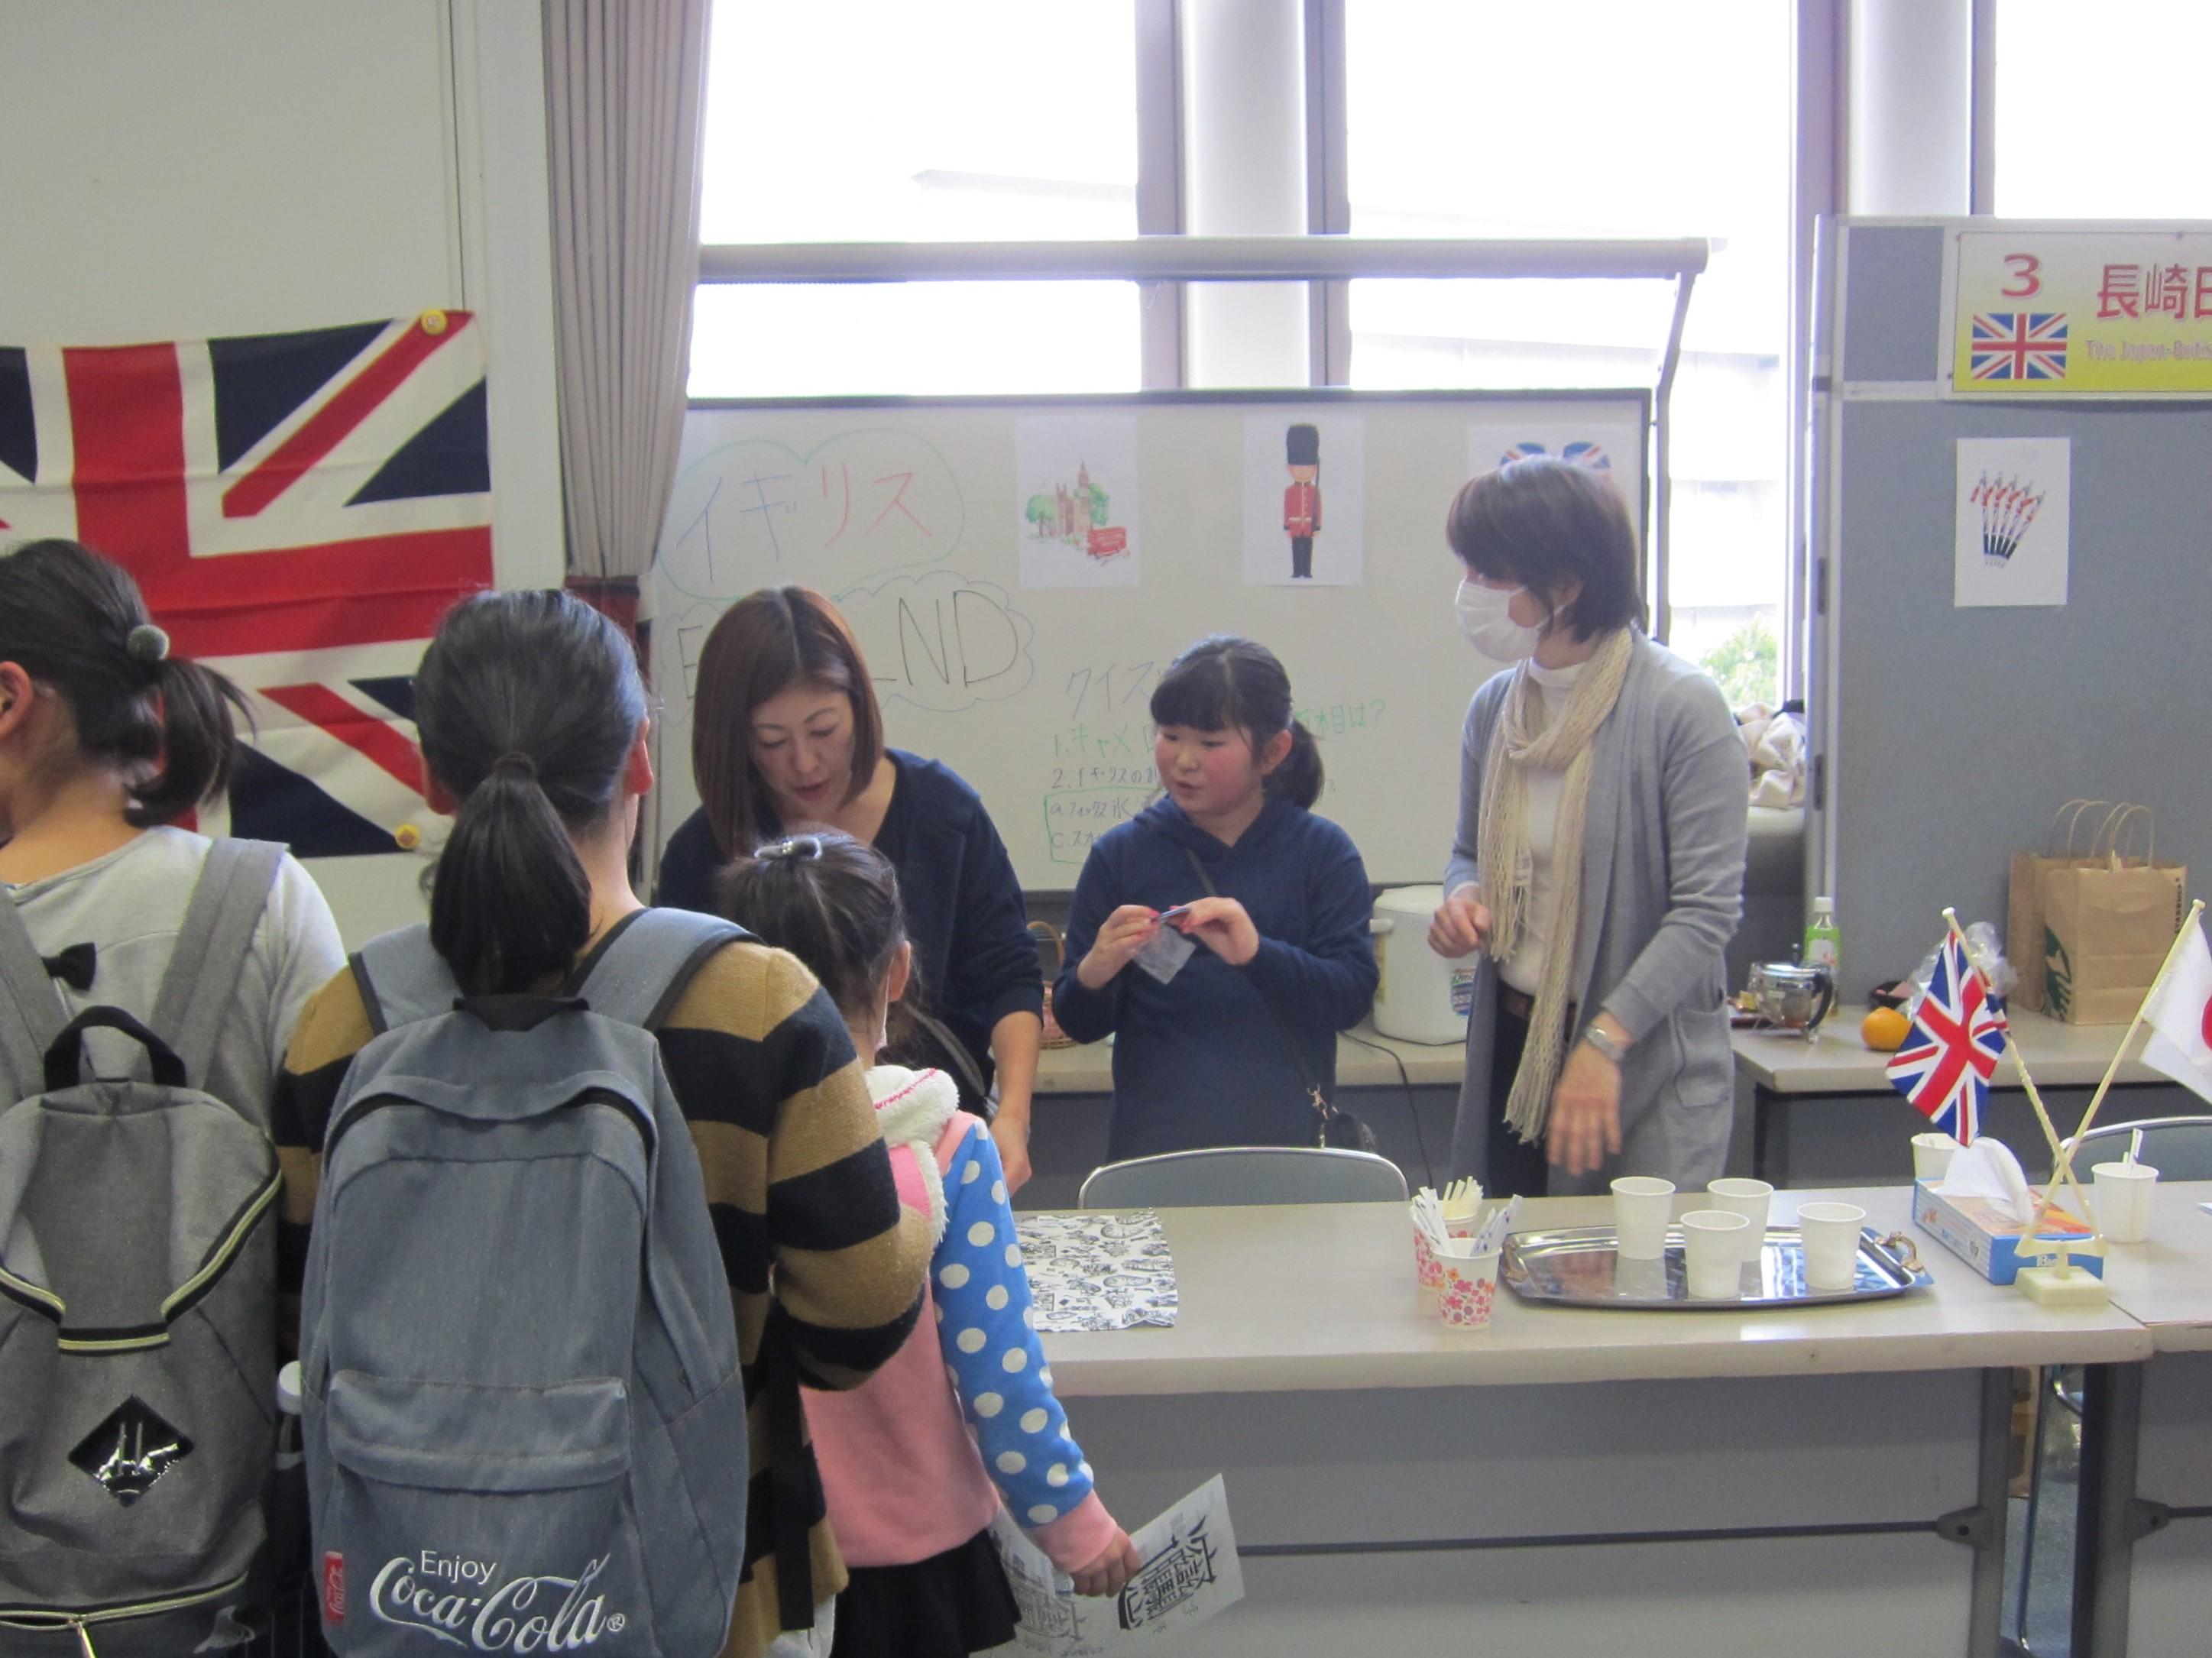 大賑わいの長崎日英協会のブース